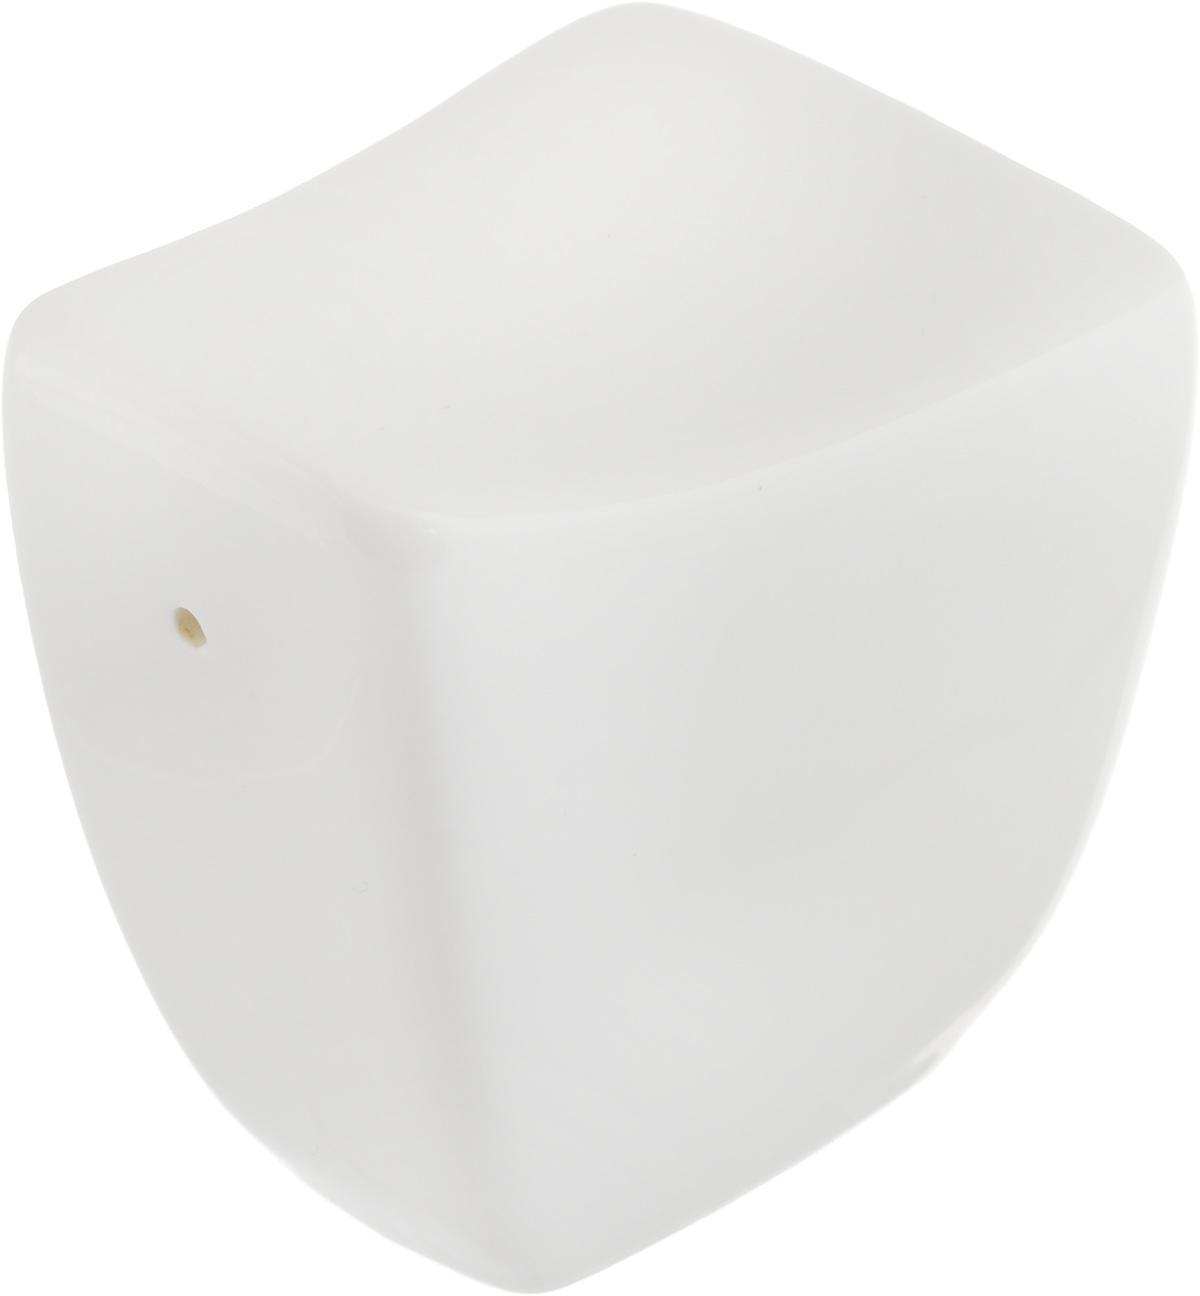 Перечница Ariane Rectangle, 6,5 х 5,5 х 4 см86822Перечница Ariane Rectangle изготовлена из высококачественного фарфора белого цвета. Перечница имеет одно отверстие для высыпания специй, на дне - отверстие, позволяющее наполнить емкость, снабженное силиконовой вставкой.Такая перечница украсит сервировку вашего стола и подчеркнет прекрасный вкус хозяина, а также станет отличным подарком.Можно мыть в посудомоечной машине.